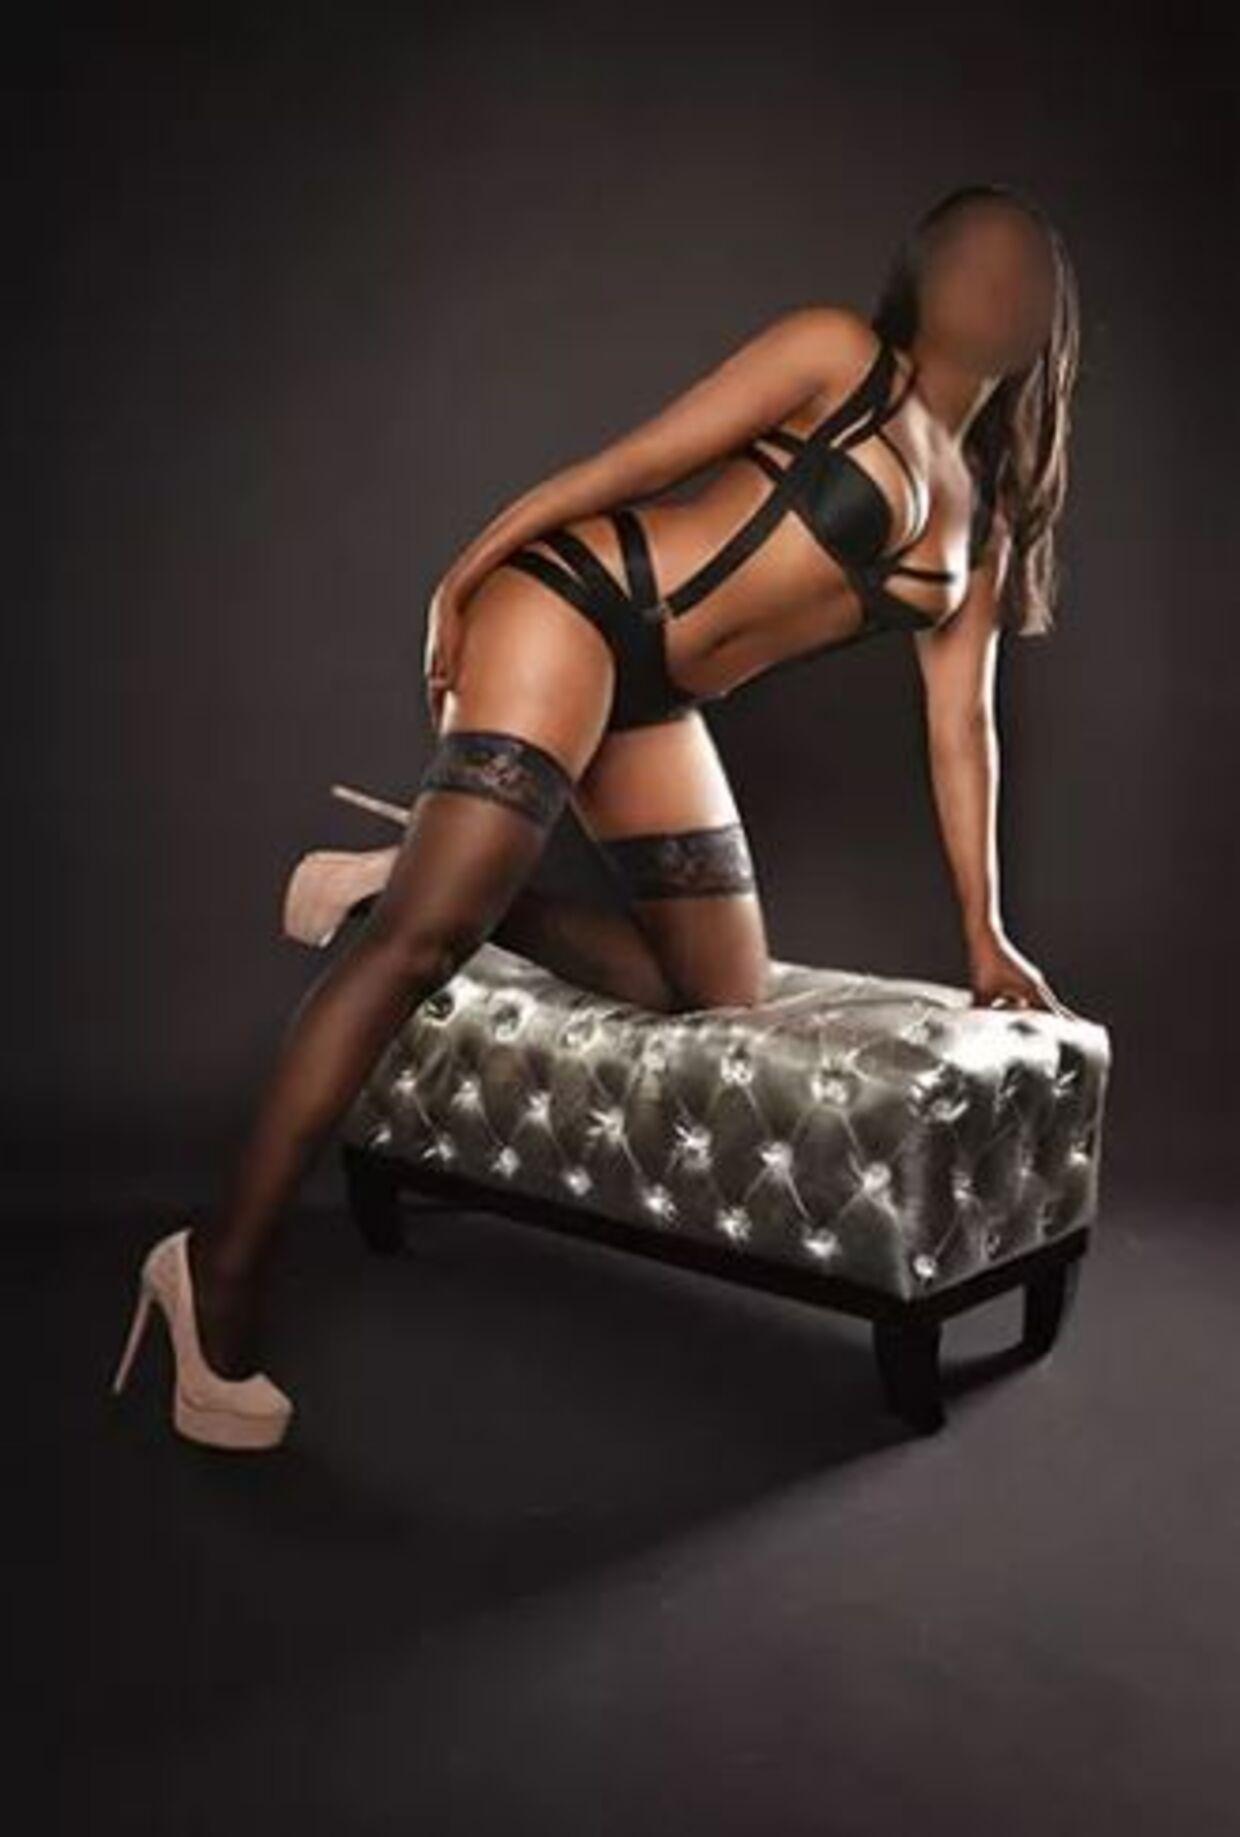 Sådan præsenteres den prostituerede Brandy på sit bureaus hjemmeside.